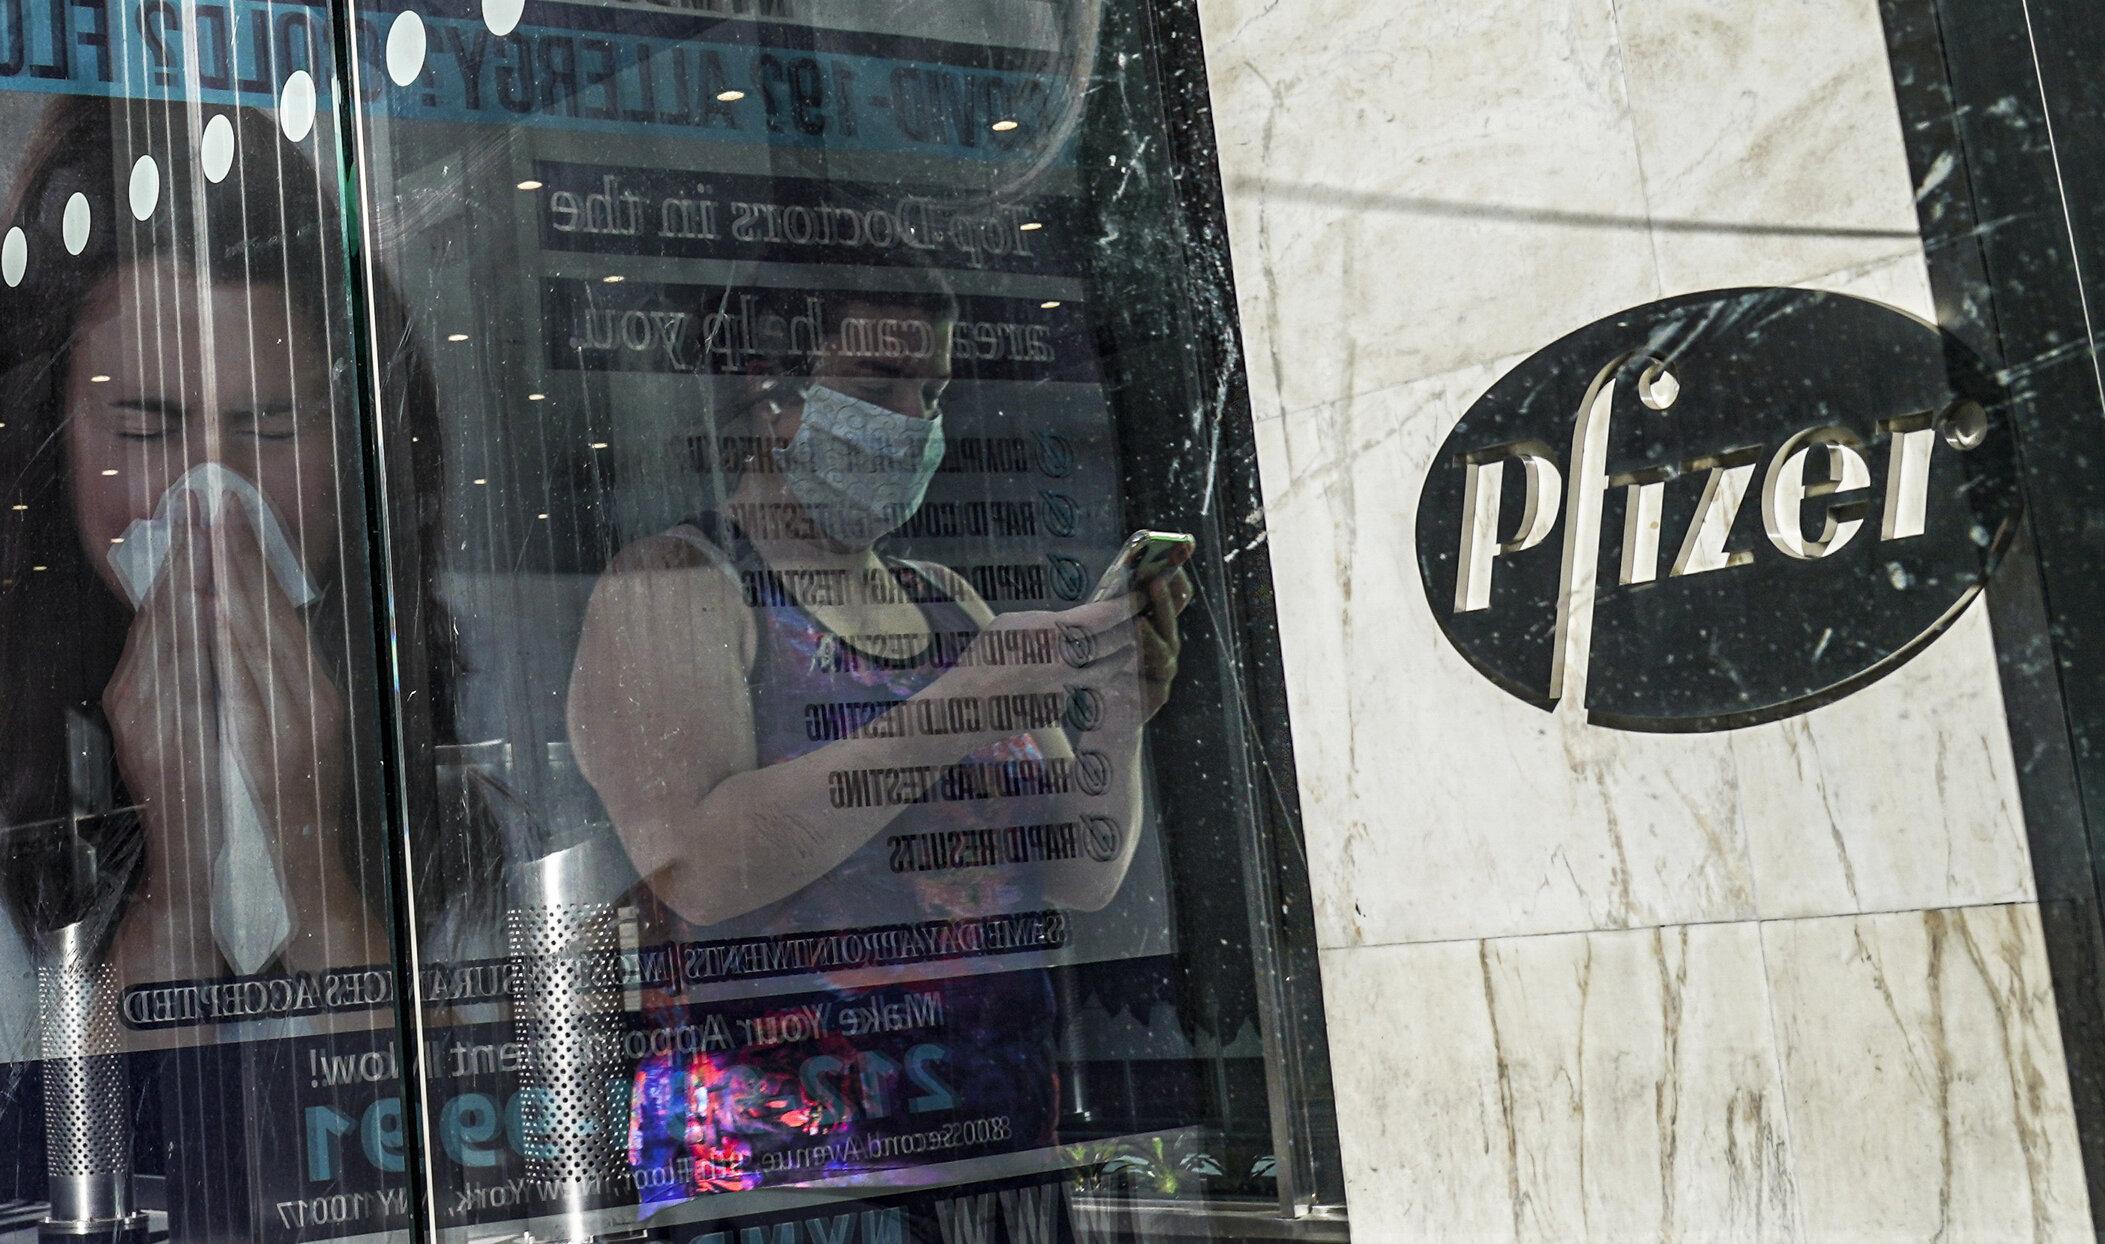 Australia cere informații suplimentare companiei Pfizer, după ce norvegienii au raportat 23 de decese survenite după vaccinare